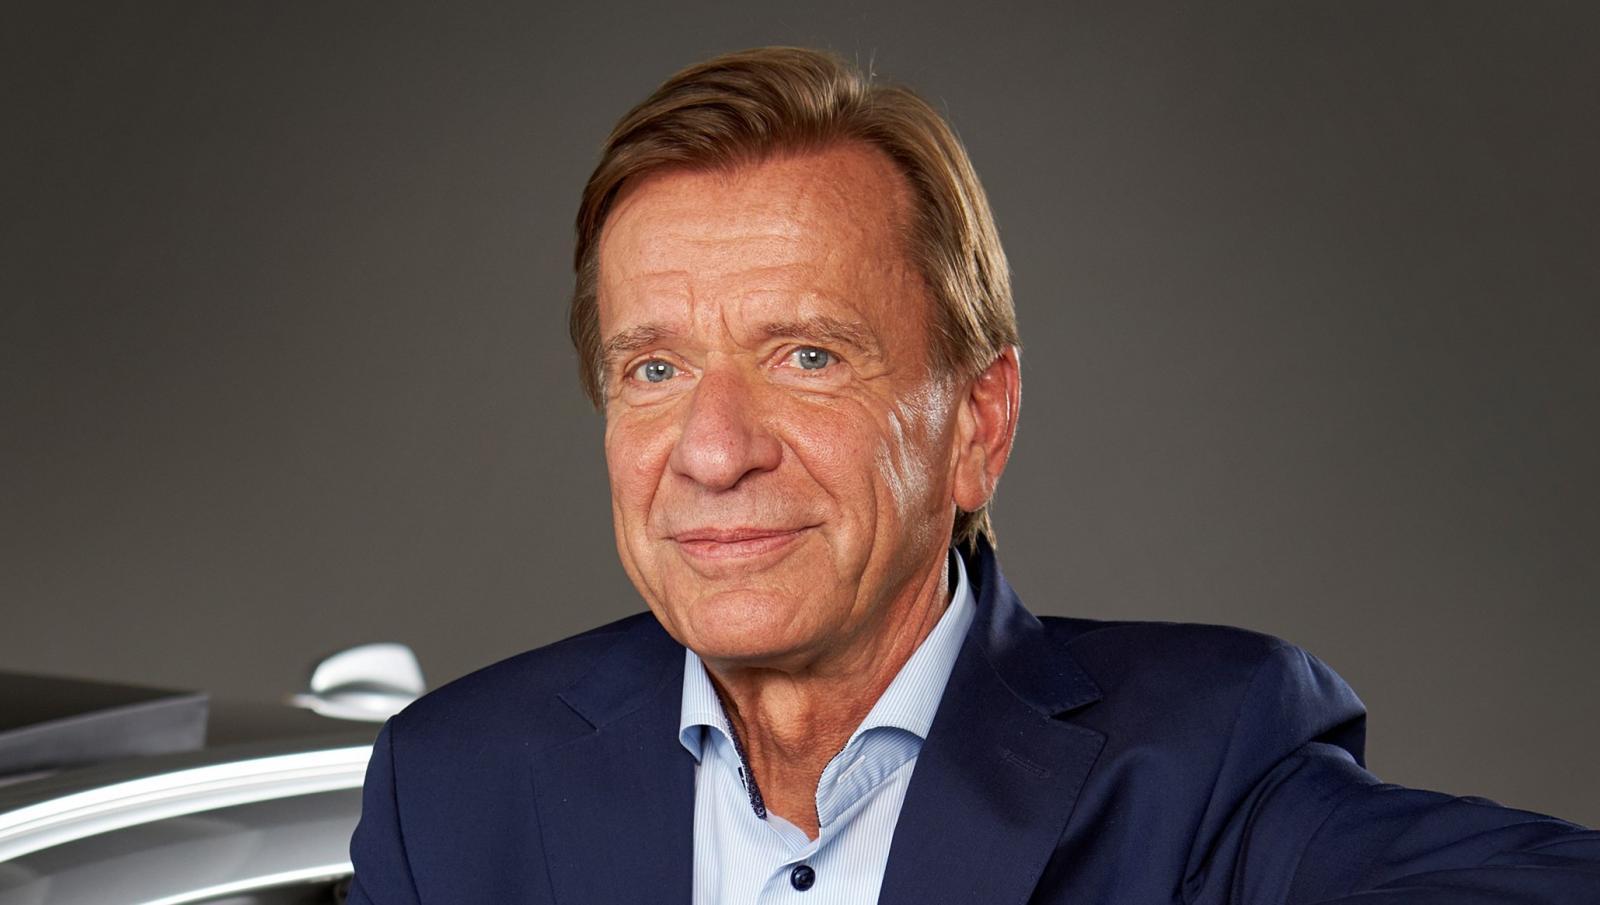 """""""Istället för att investera i en krympande verksamhet valde vi att investera i framtiden – elektriskt och online"""", säger Volvo Cars-chefen Håkan Samuelsson."""